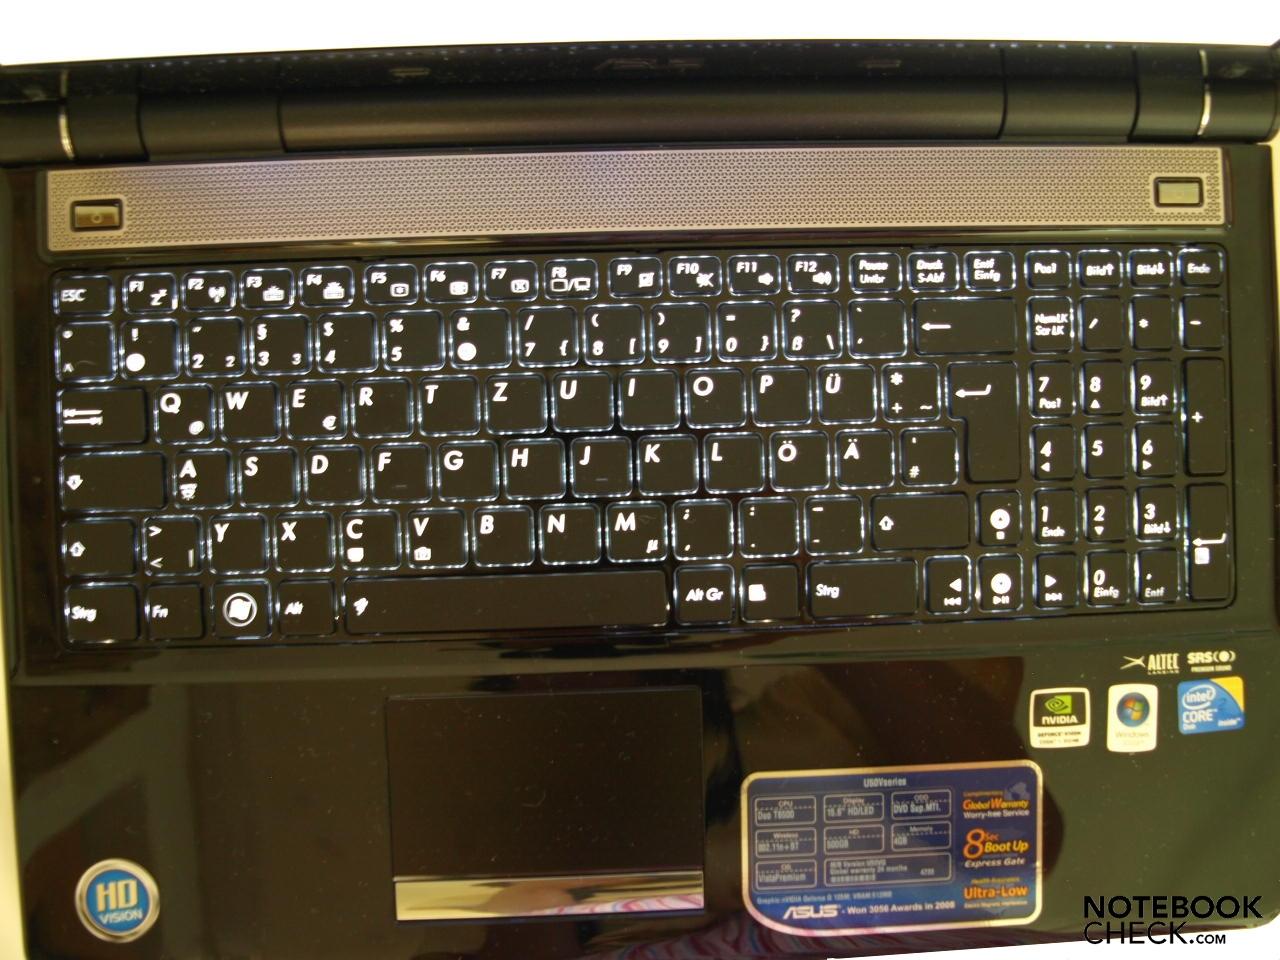 Asus U50Vg Notebook Nvidia VGA Driver Download